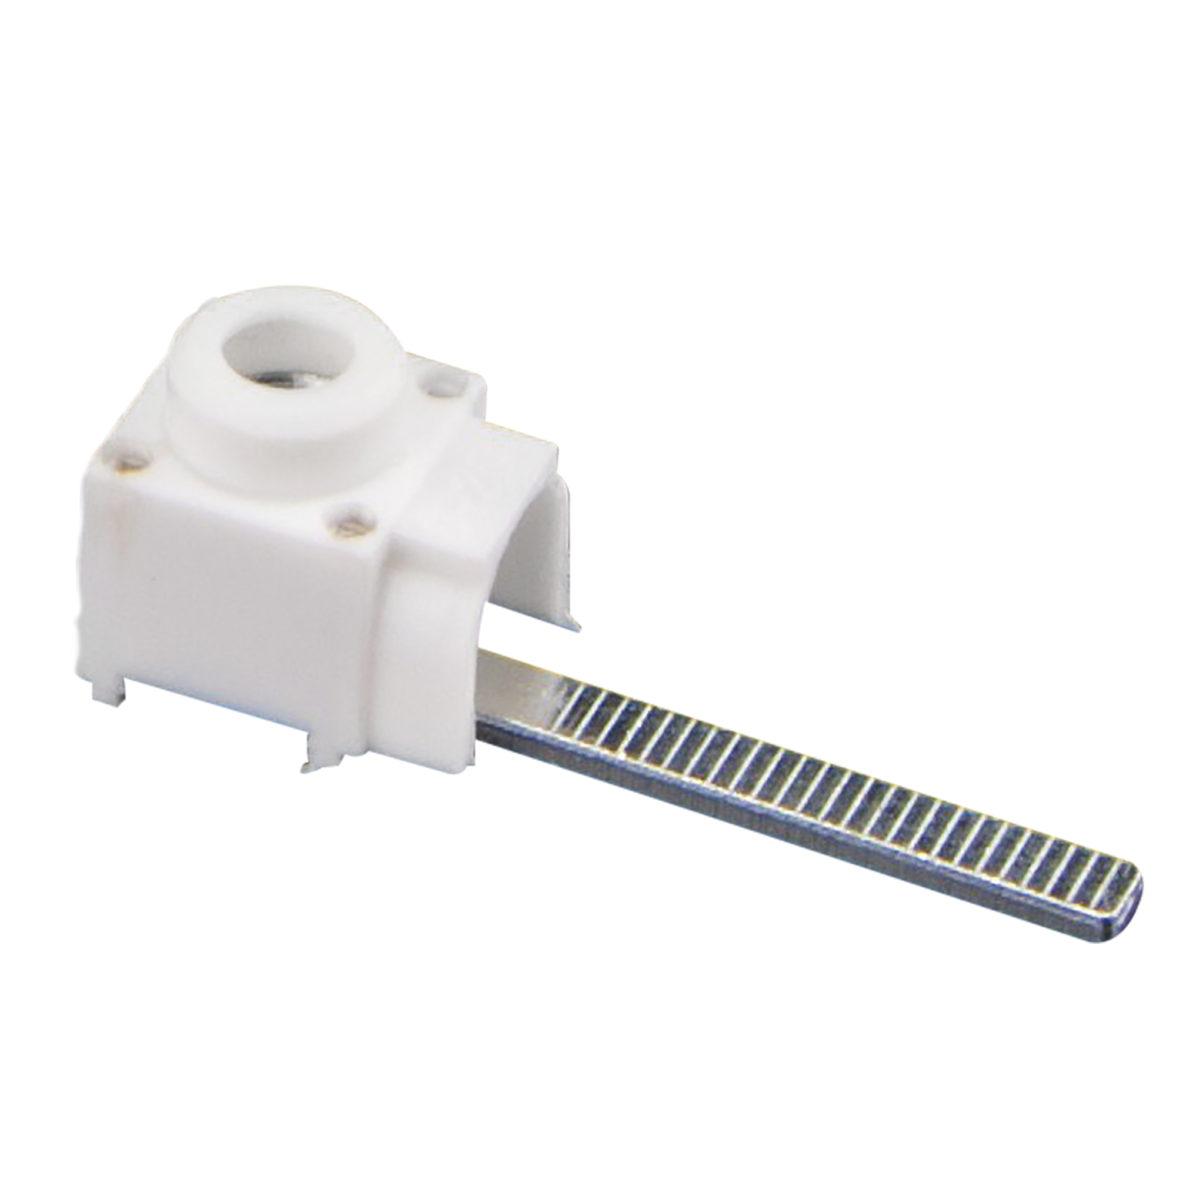 Зажим под проводник для совместного подключения с шиной PIN под переднее соединение, увеличенный штырь (20 шт/упак.) EKF PROxima